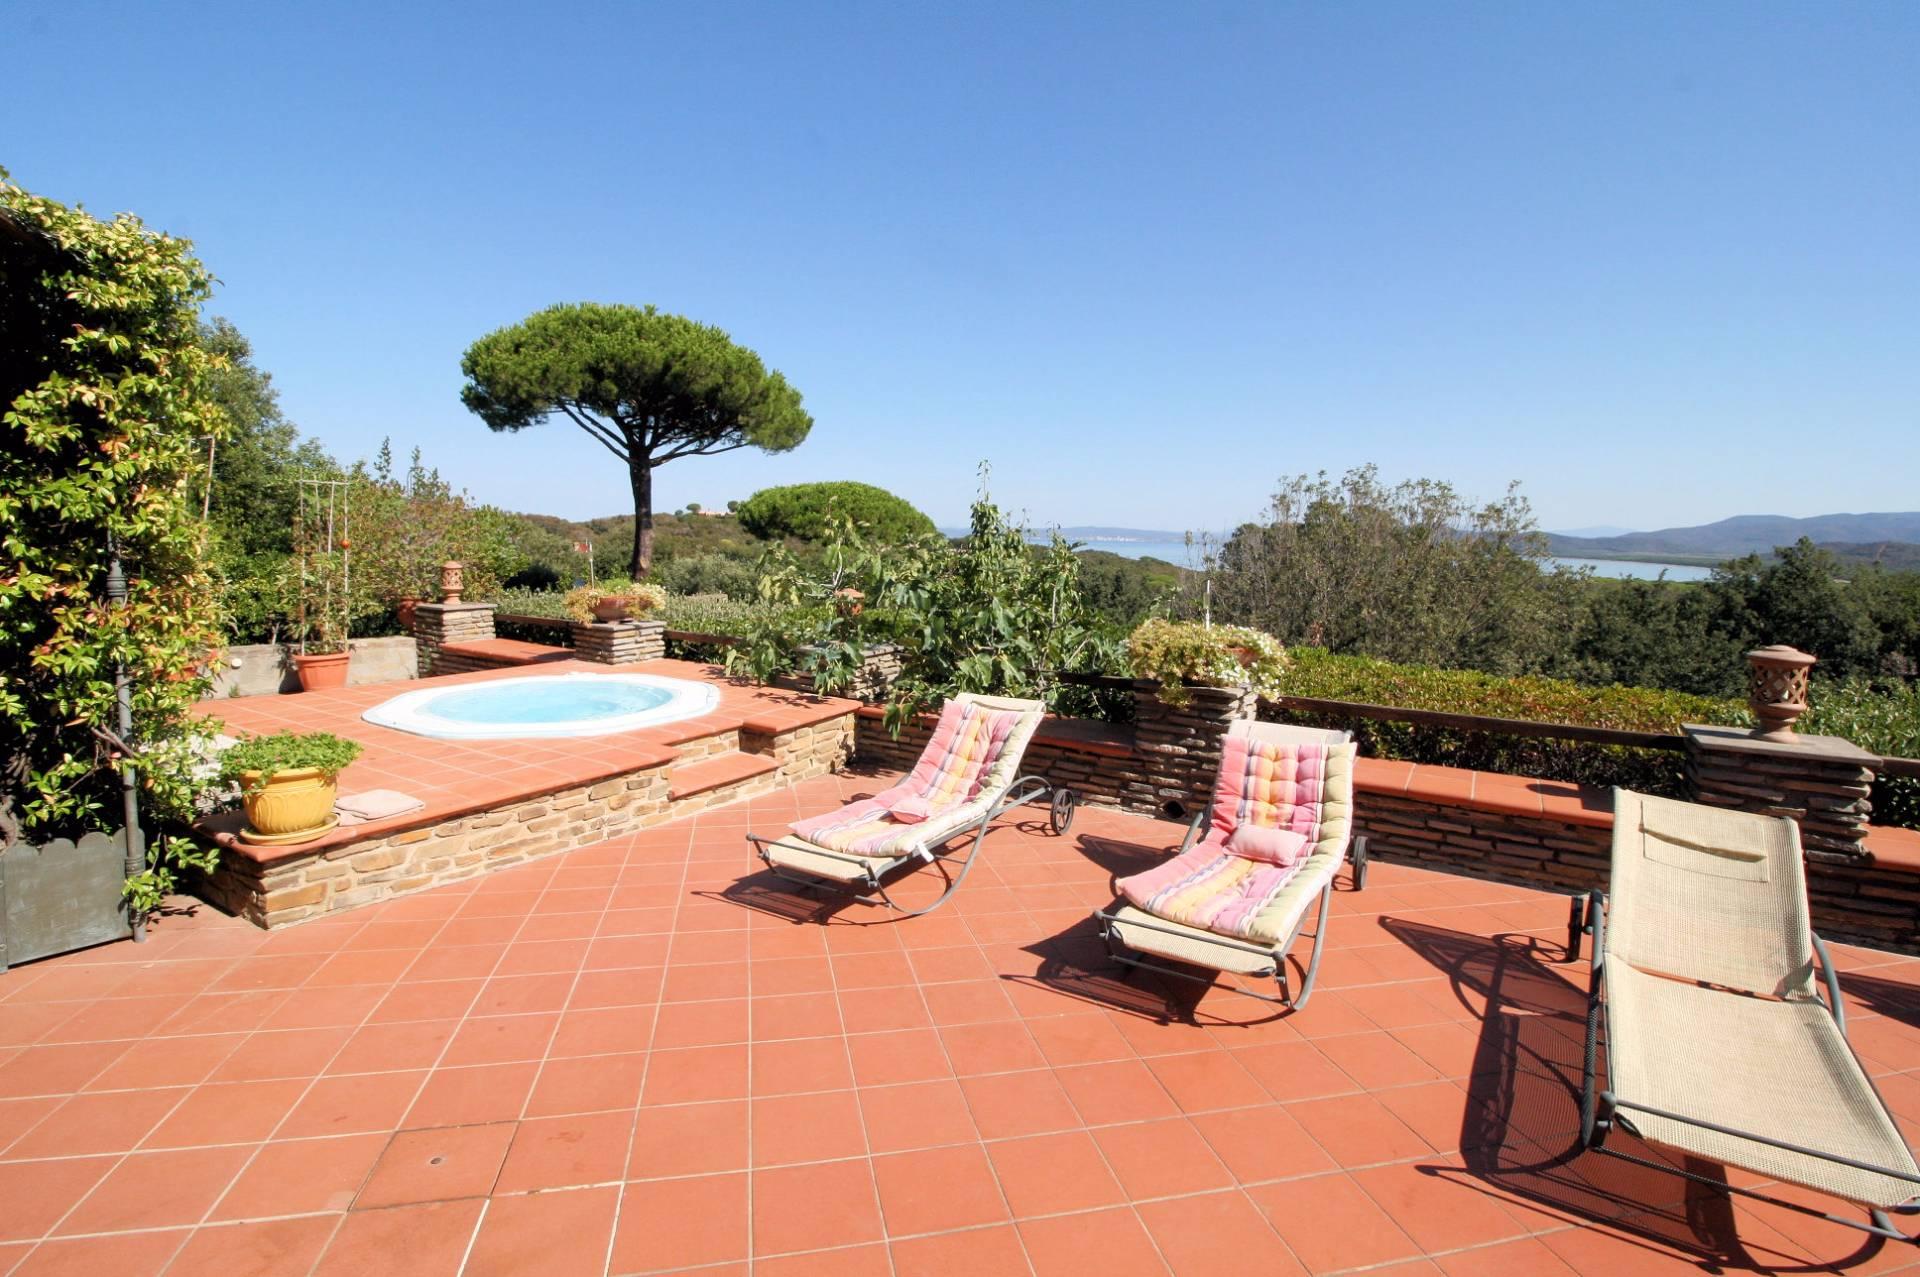 Villa in vendita a Castiglione della Pescaia, 4 locali, zona Località: PuntaAla, prezzo € 1.200.000 | CambioCasa.it